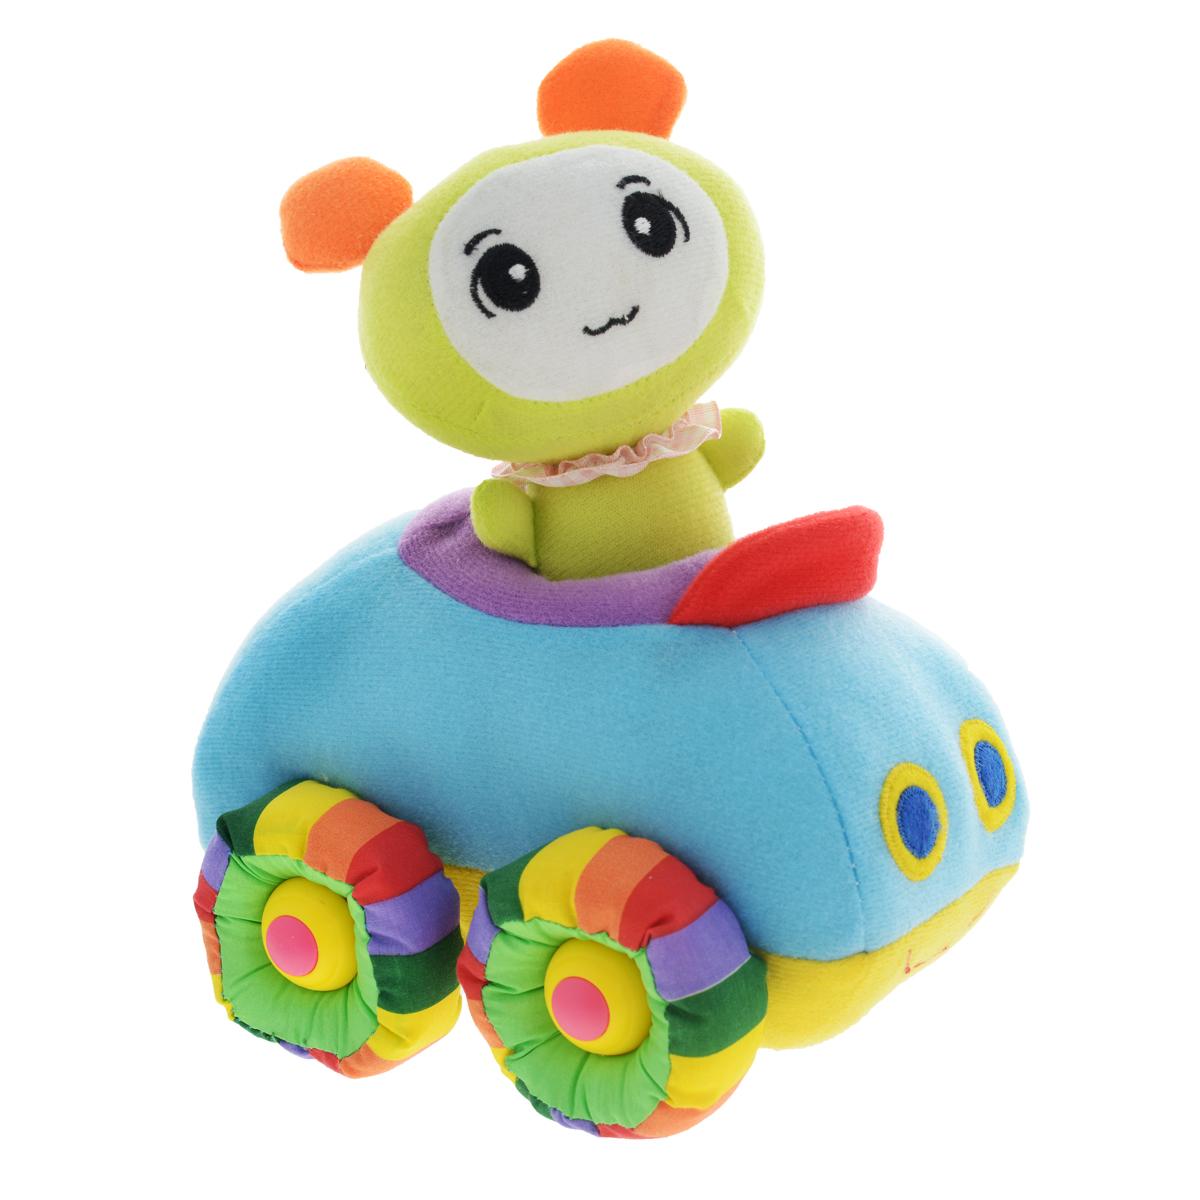 Мягкая озвученная игрушка Tongde Радужный транспорт, с фигуркой. В72426В72426Мягкая озвученная игрушка Tongde Радужный транспорт с фигуркой непременно понравится вашему малышу! Эта милая мягкая машинка подарит вашему ребенку массу удовольствия за игрой. В комплект также входит забавная мягкая фигурка, которую можно посадить в машинку. Изделие выполнено из высококачественного гипоаллергенного текстильного материала. Движение игрушки сопровождается звуковыми эффектами. С игрушкой можно играть как дома, так и в садике. Данная модель способствует развитию воображения и тактильной чувствительности у детей. Ваш ребенок часами будет играть с моделью, придумывая различные истории. Порадуйте его таким замечательным подарком! УВАЖАЕМЫЕ КЛИЕНТЫ! Обращаем ваше внимание на тот факт, что для работы игрушки необходимо докупить 3 батарейки типа АА 1,5V (в комплект не входят).